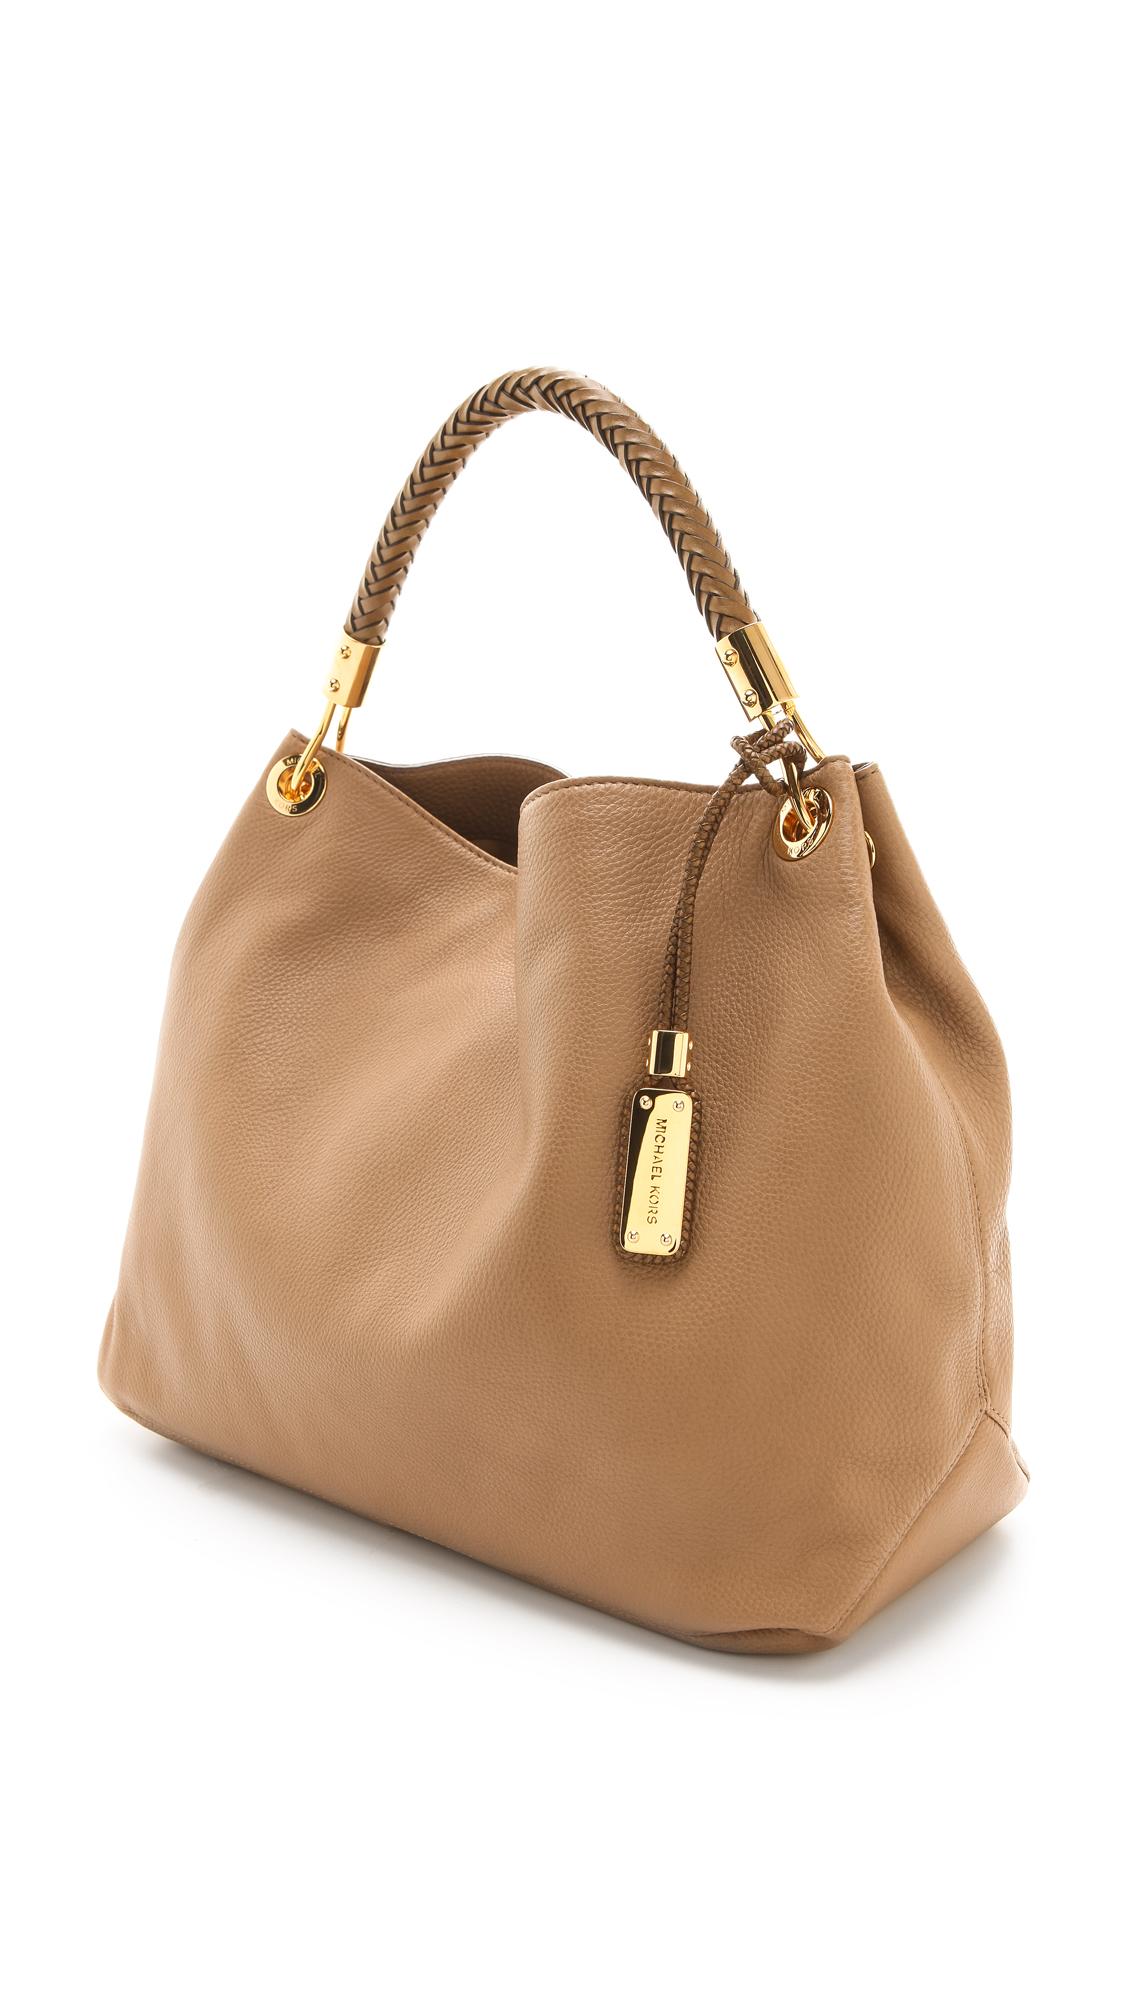 6cfb3af6ec22 Michael Kors Collection Skorpios Large Shoulder Bag